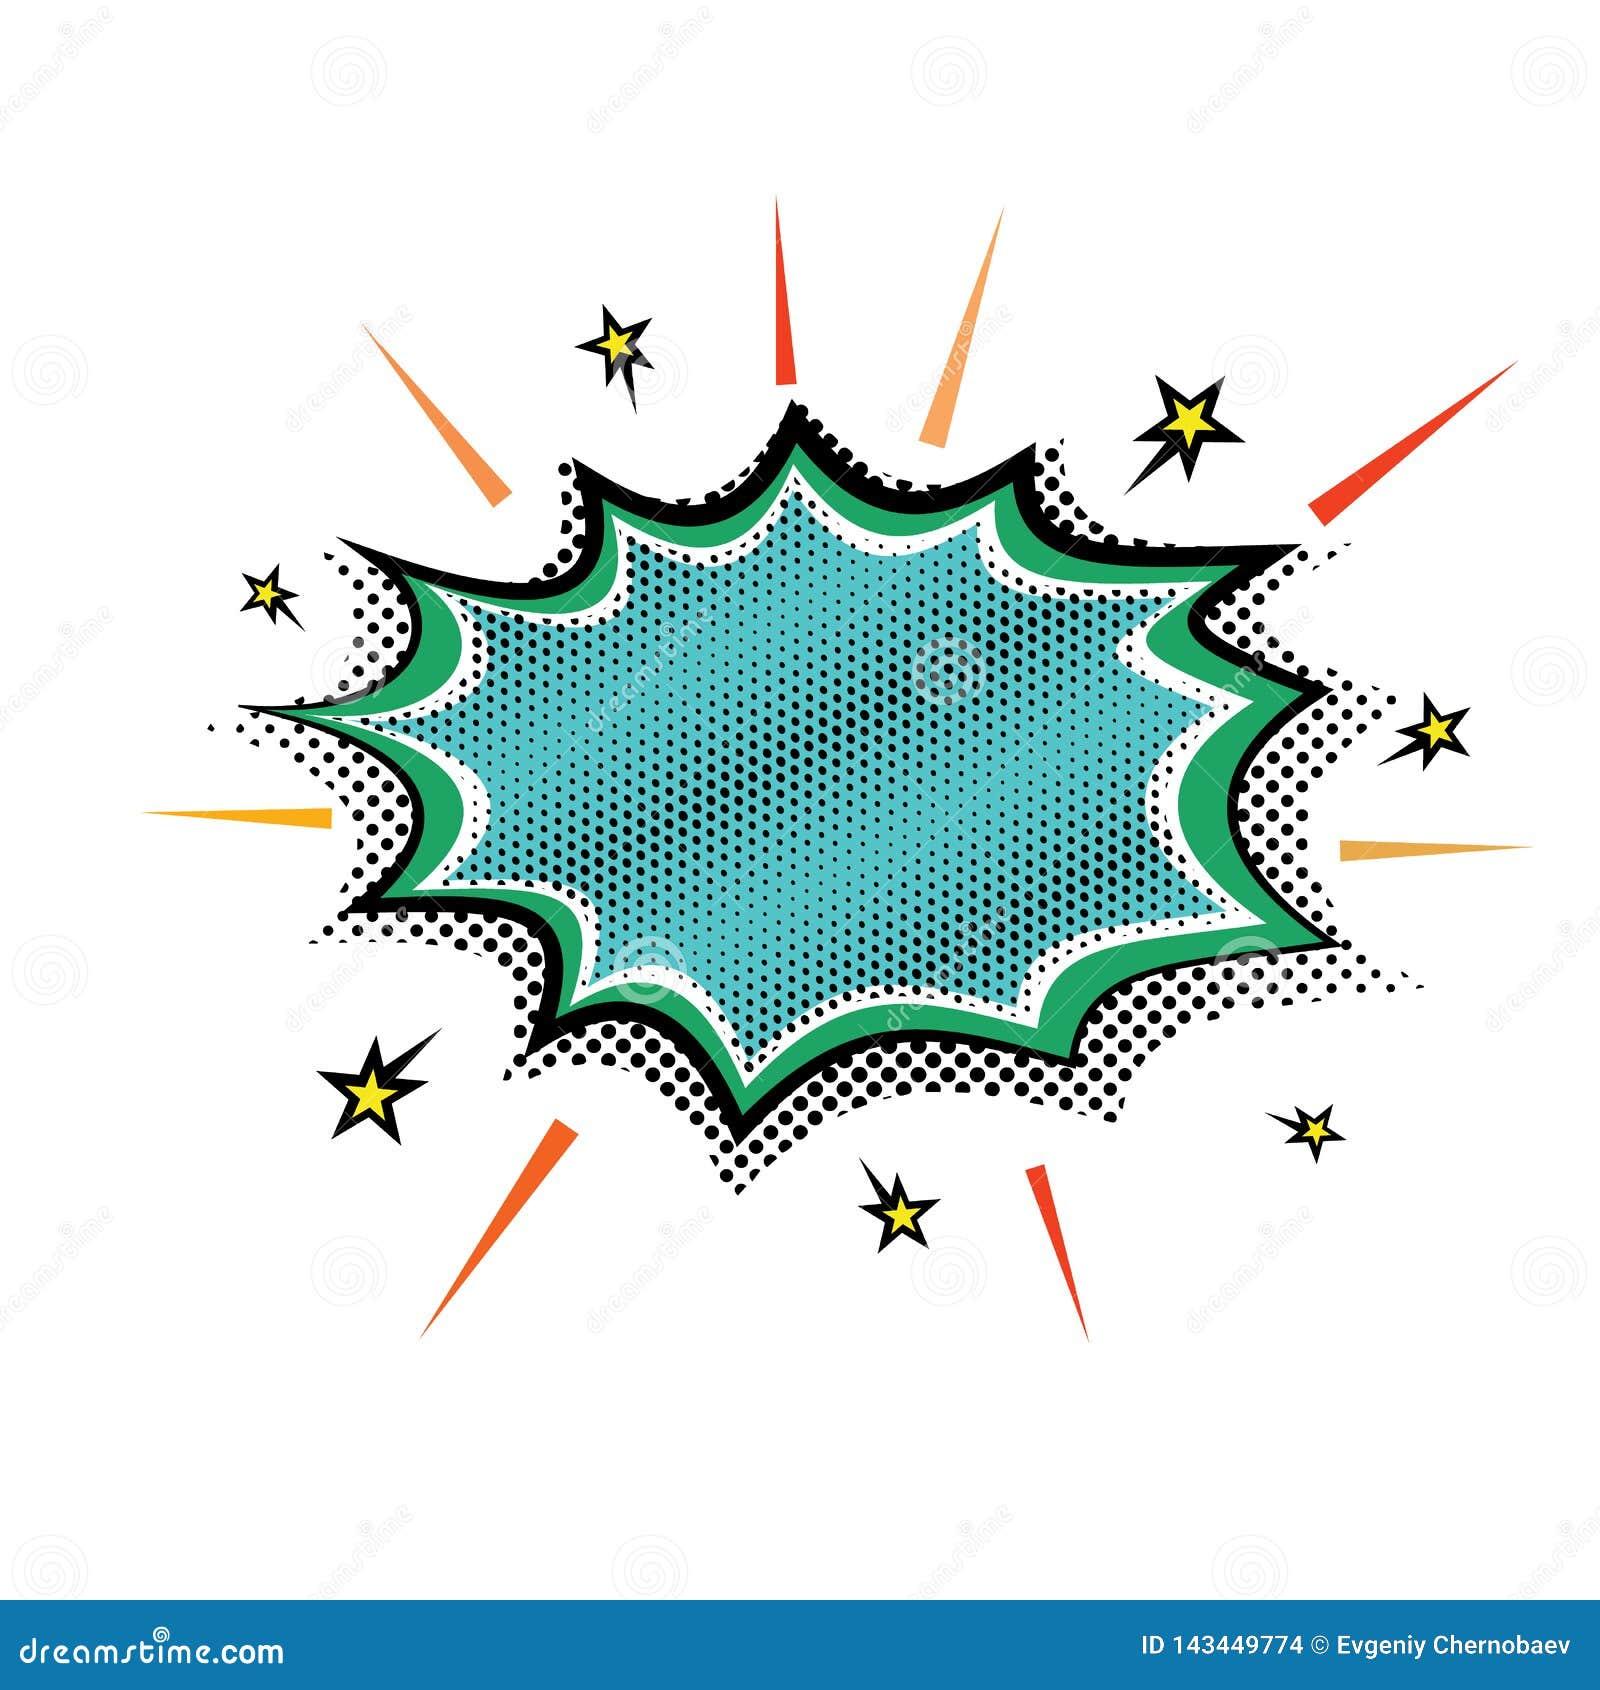 Burbuja de la nube del discurso del auge de la explosión del vapor del Estallido-arte Burbujas cómicas del discurso del diseño de